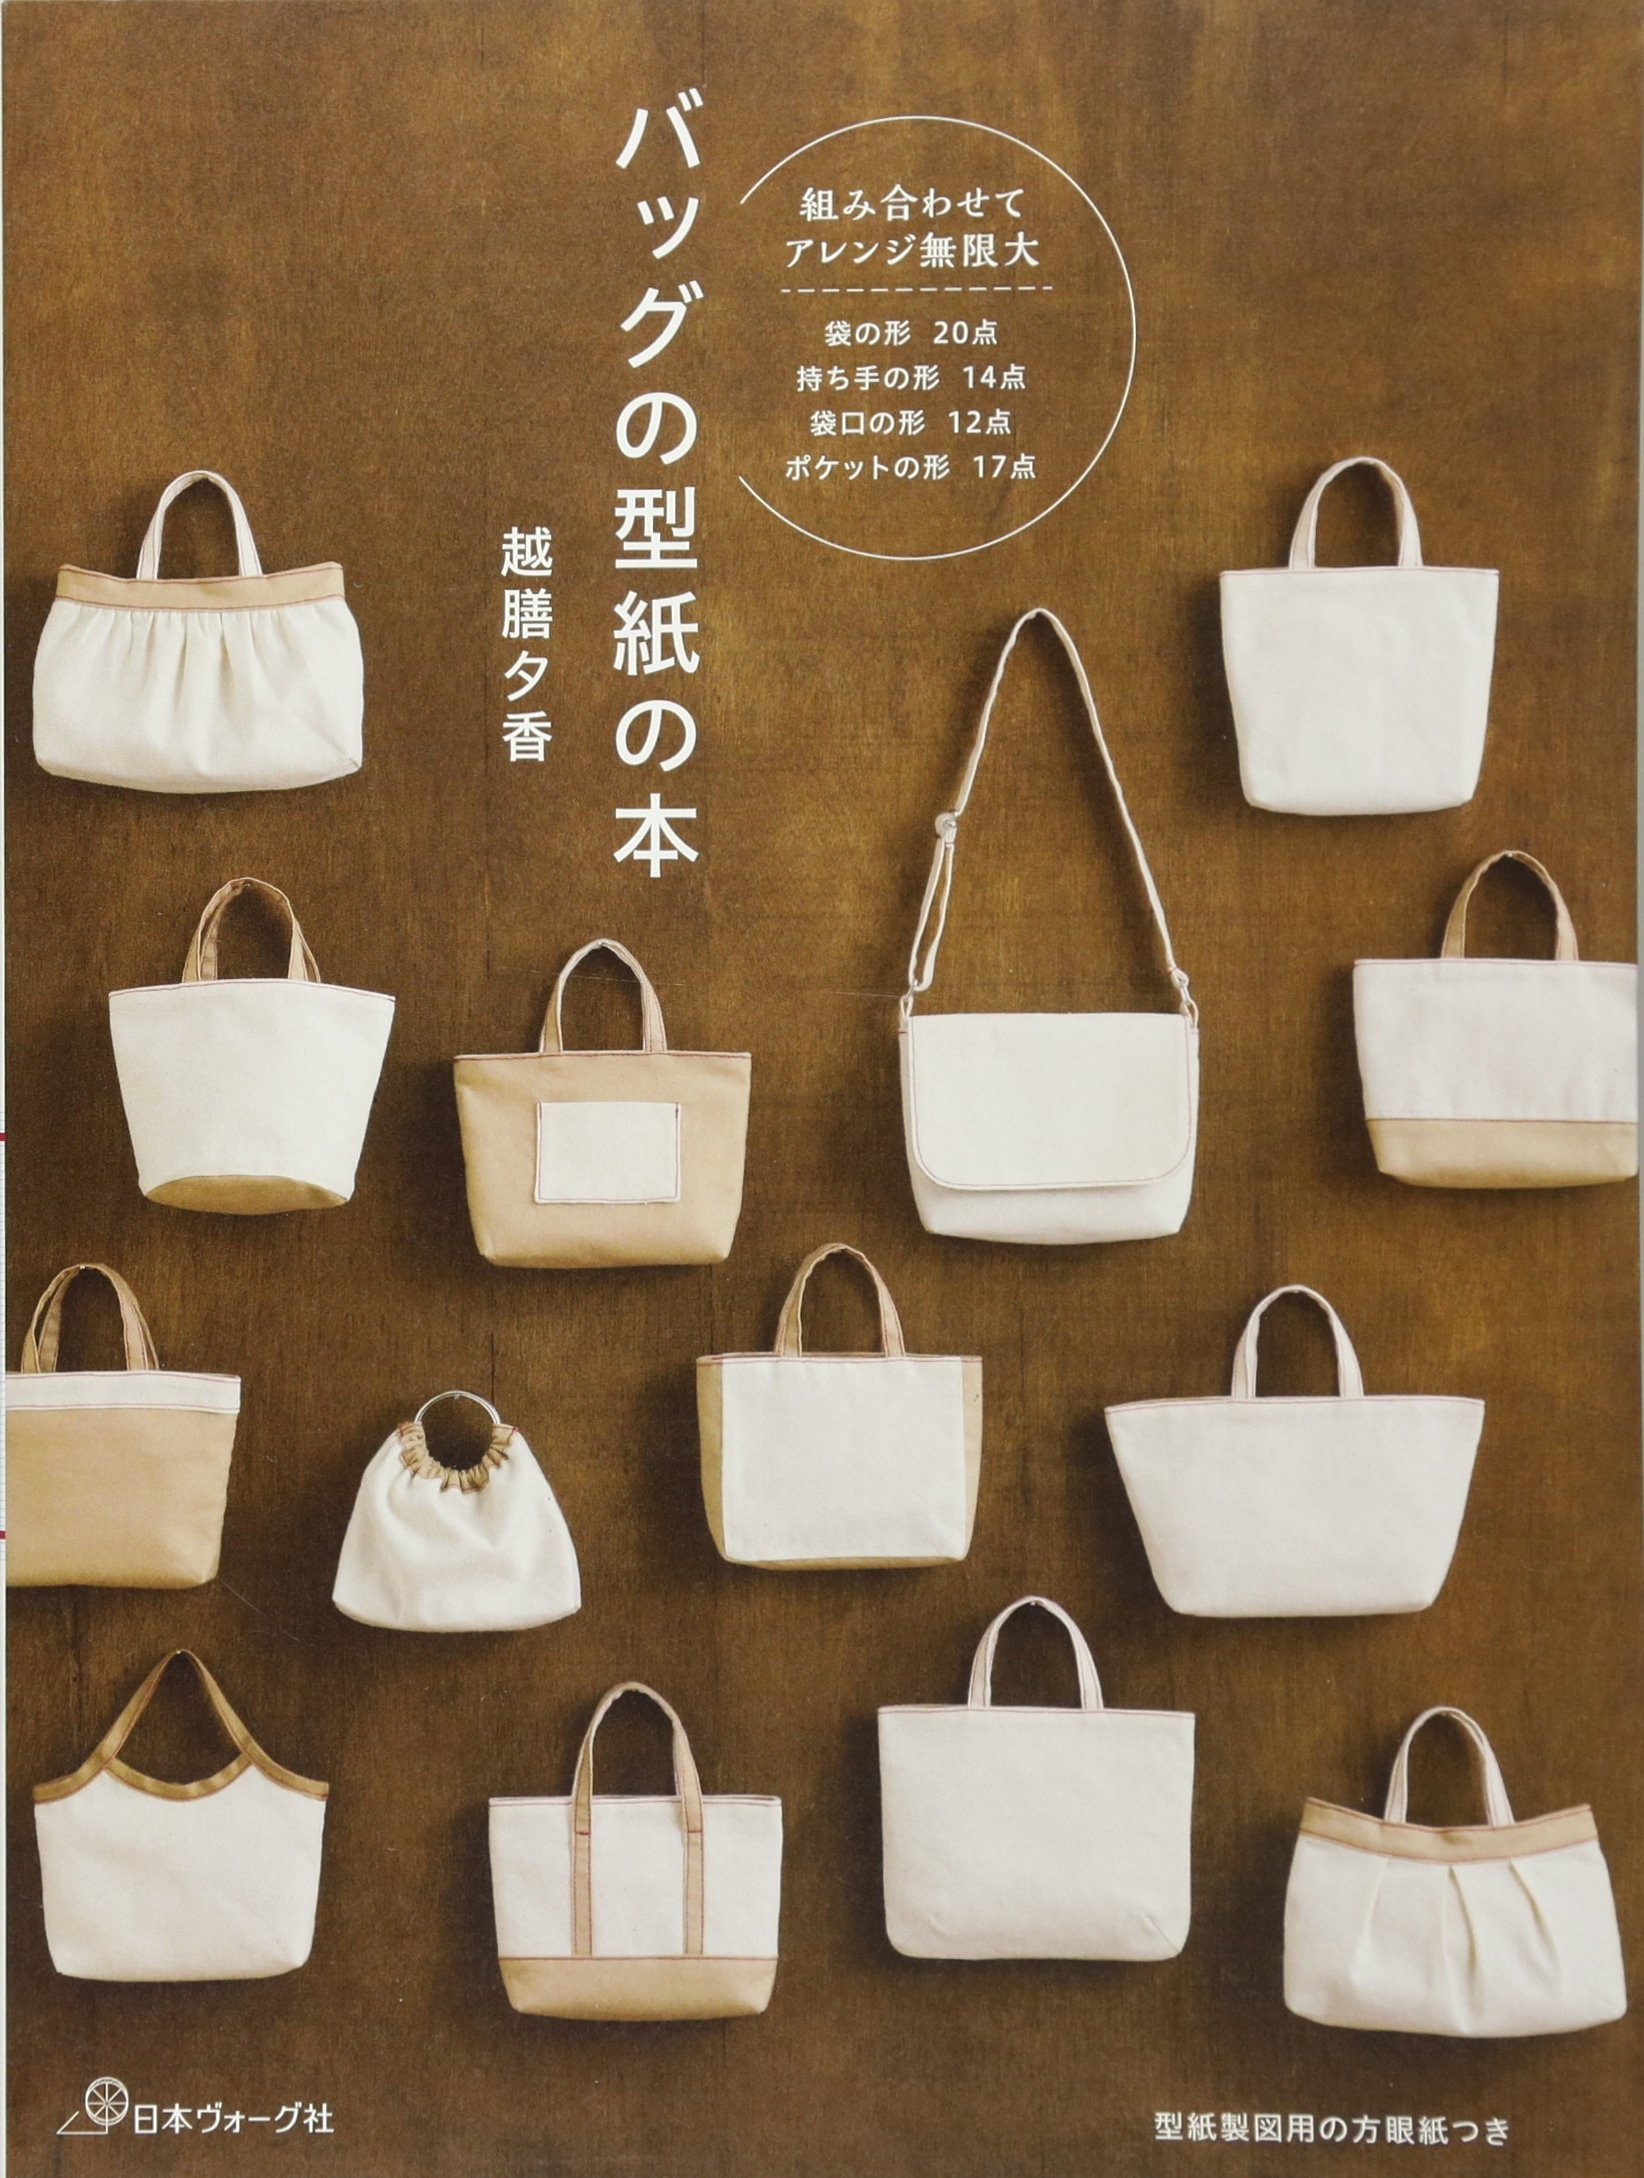 Bag of paper